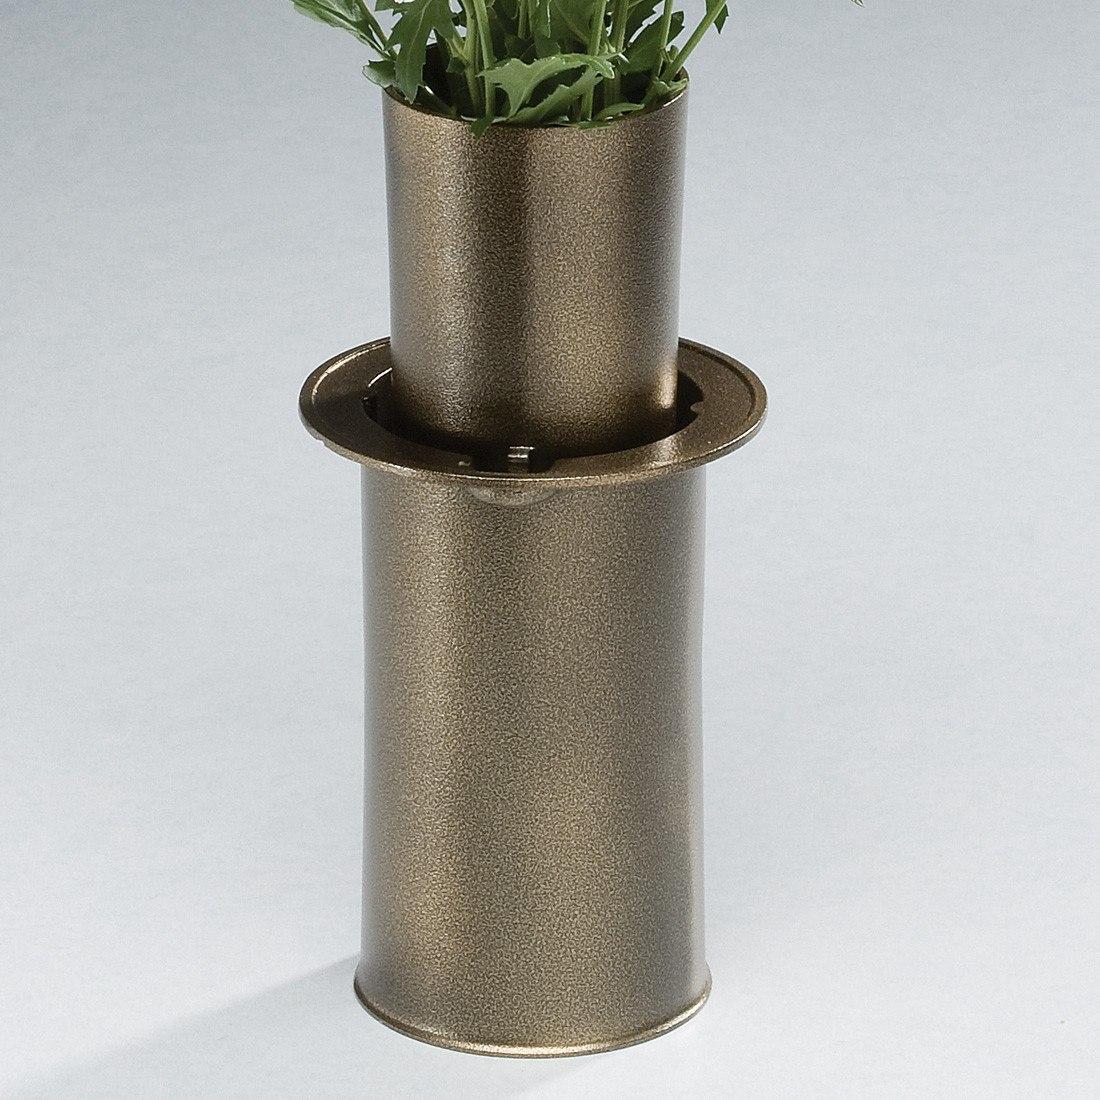 moderne antique bronze cemetery vase. Black Bedroom Furniture Sets. Home Design Ideas